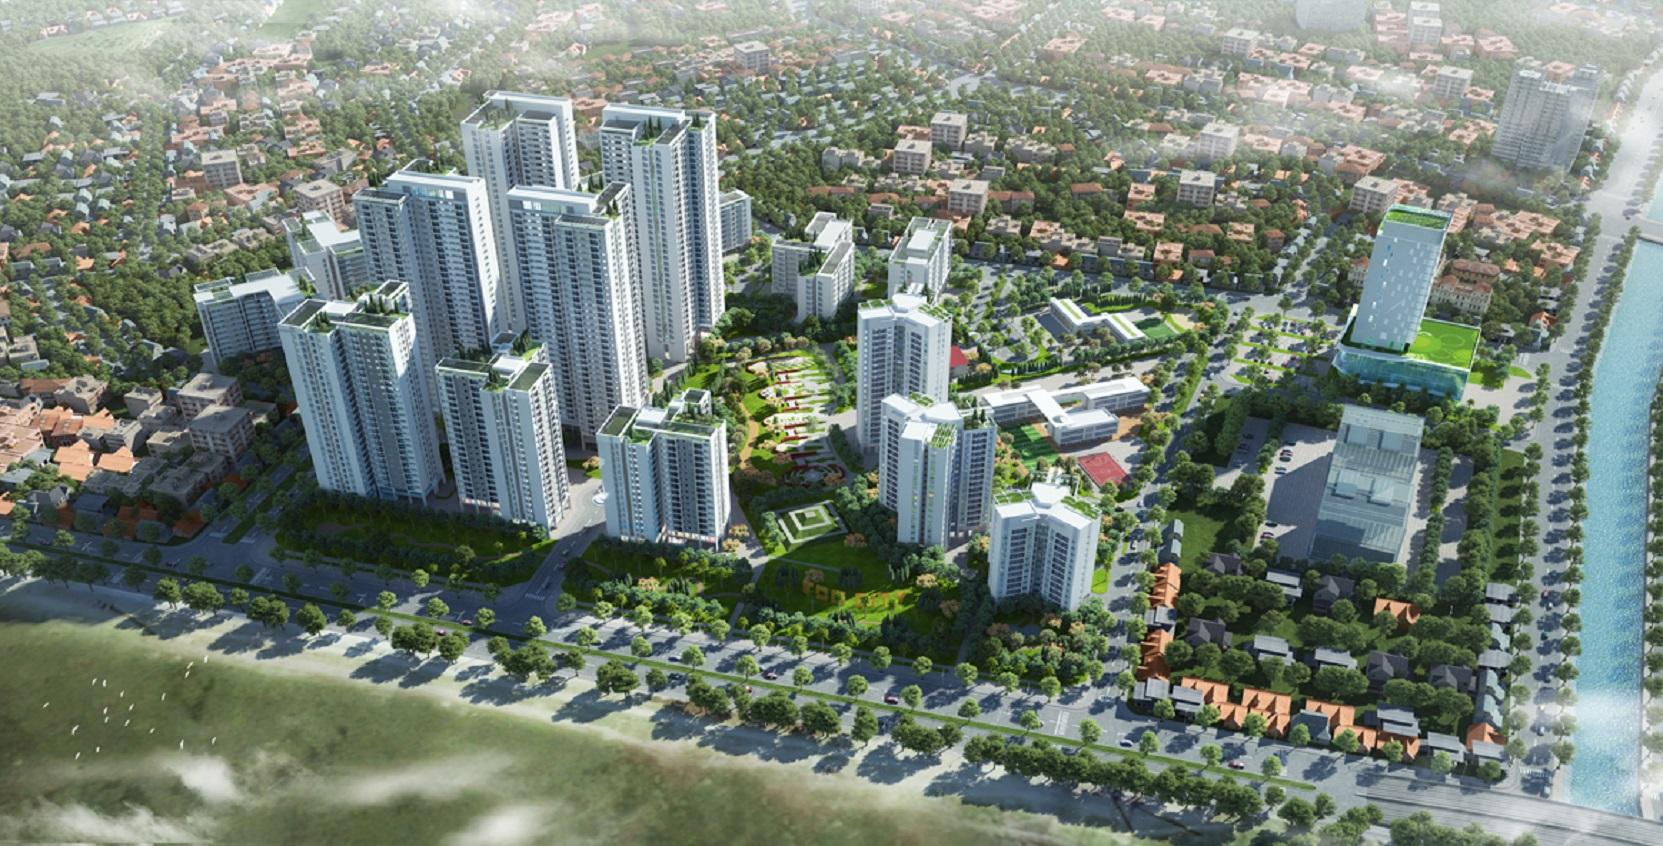 hong-ha-eco-city-1